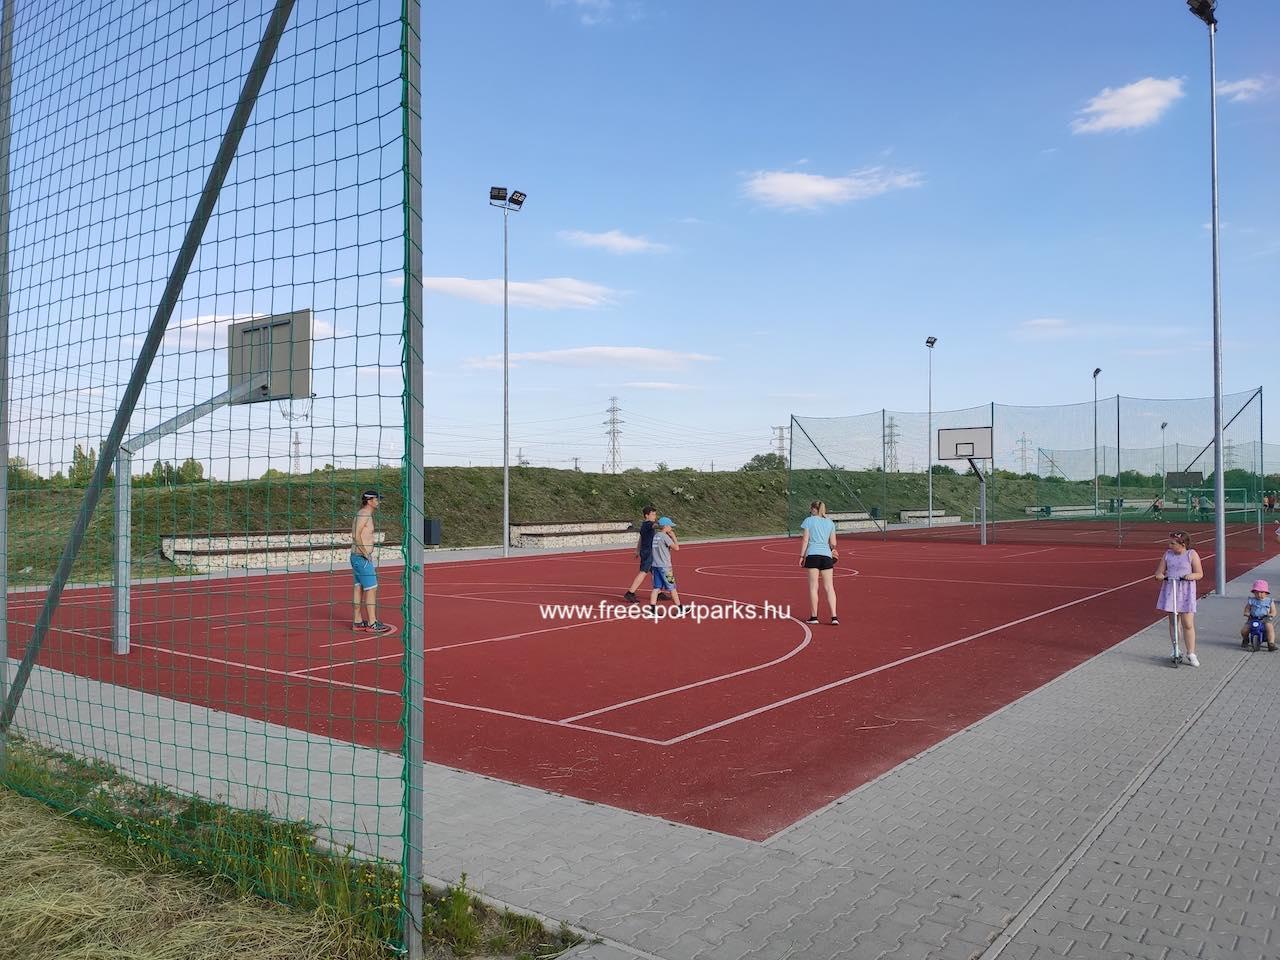 kosárlabda pálya - Érd szabadidőpark - Free Sport Parks térkép